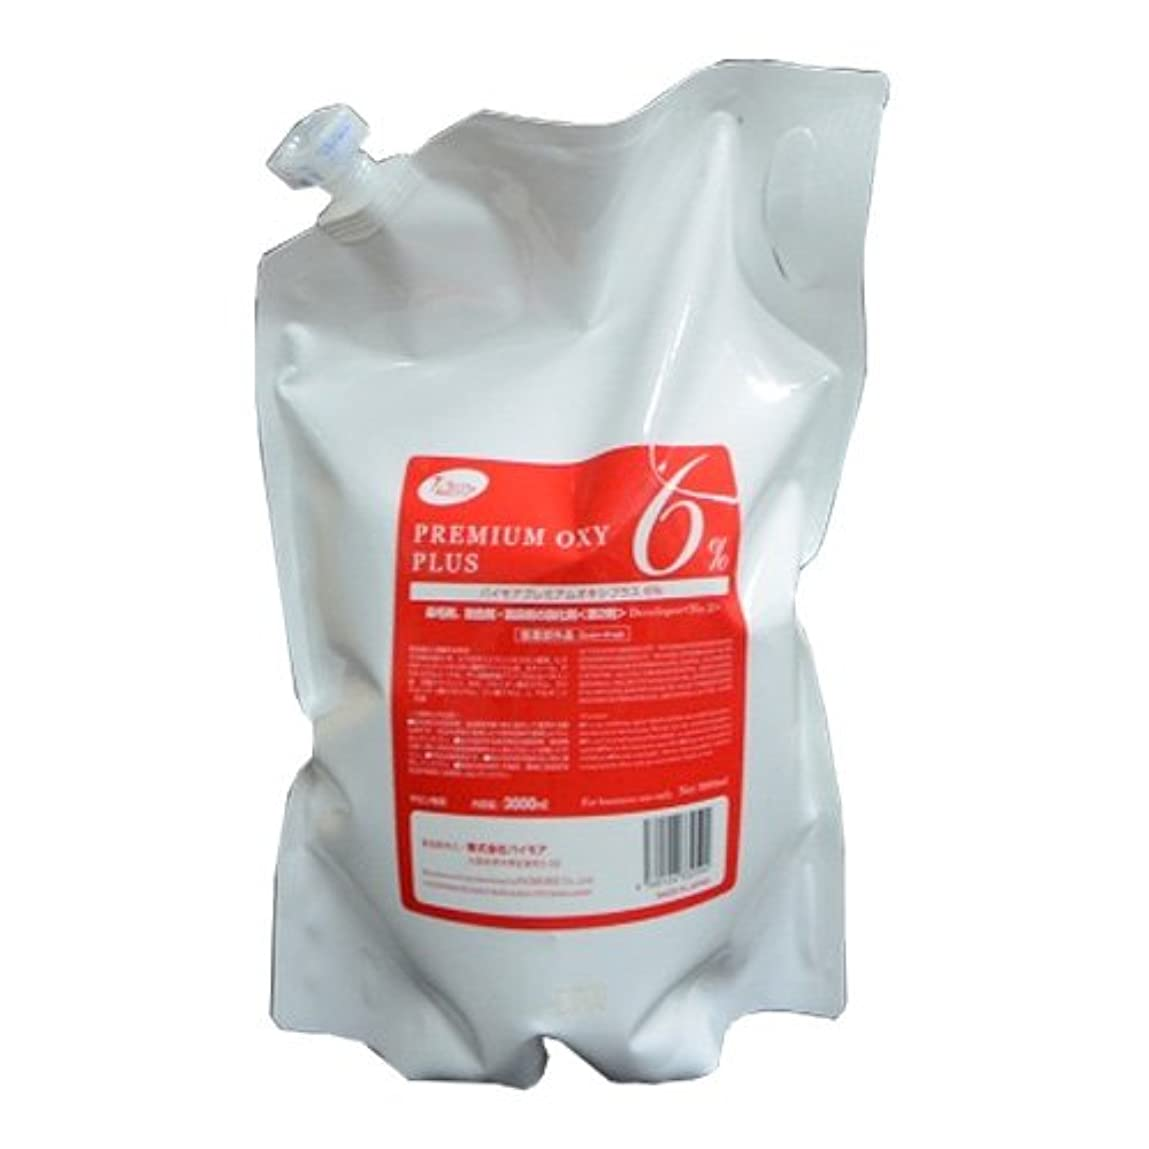 アンカー雄弁な断線パイモア プレミアムオキシプラス 6%(レフィルタイプ) 3000ml [医薬部外品]